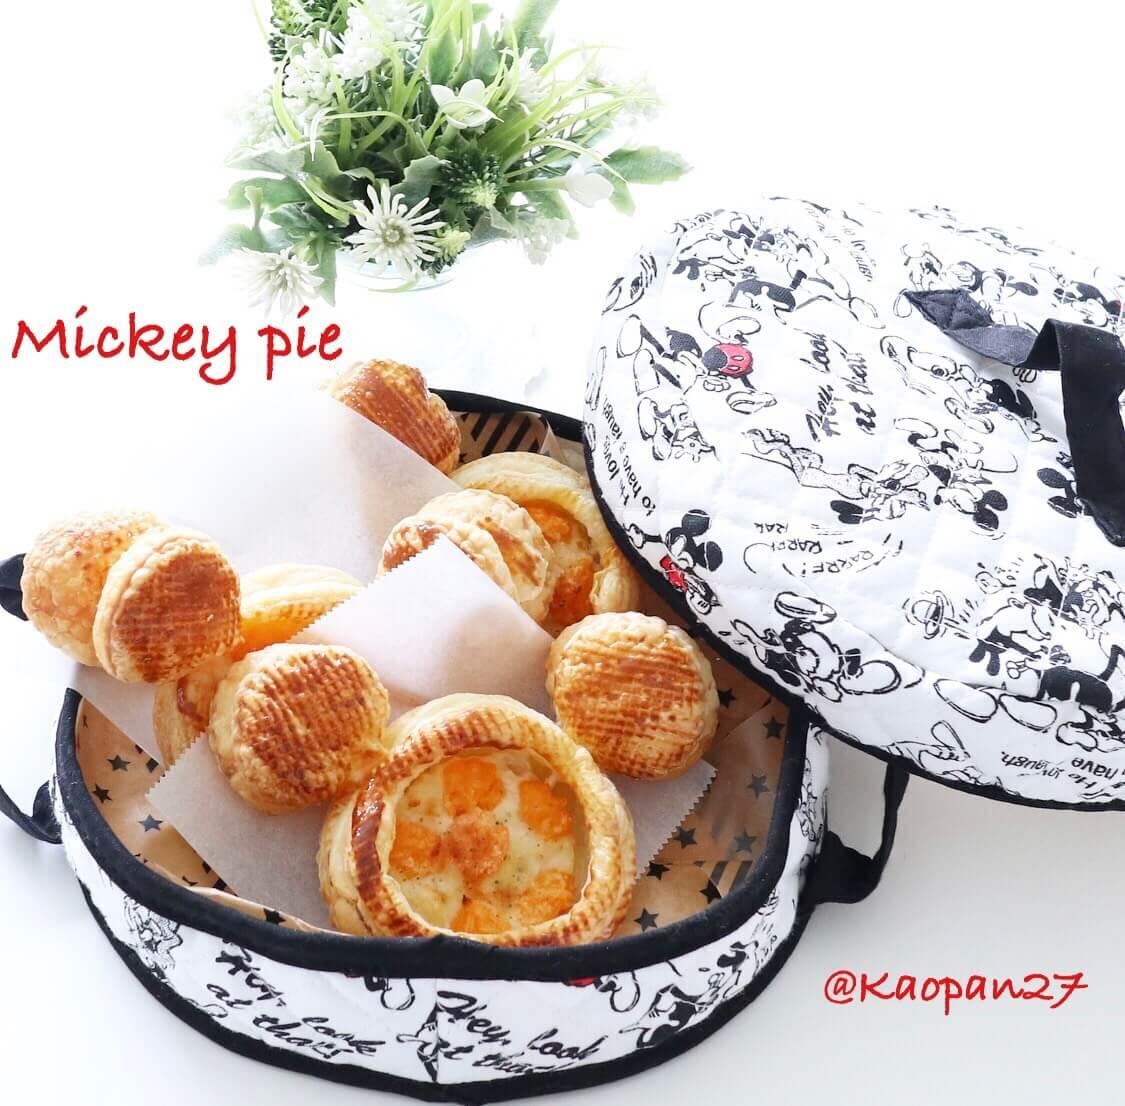 ミッキー レシピ Mickey Recipe 米奇 食譜59